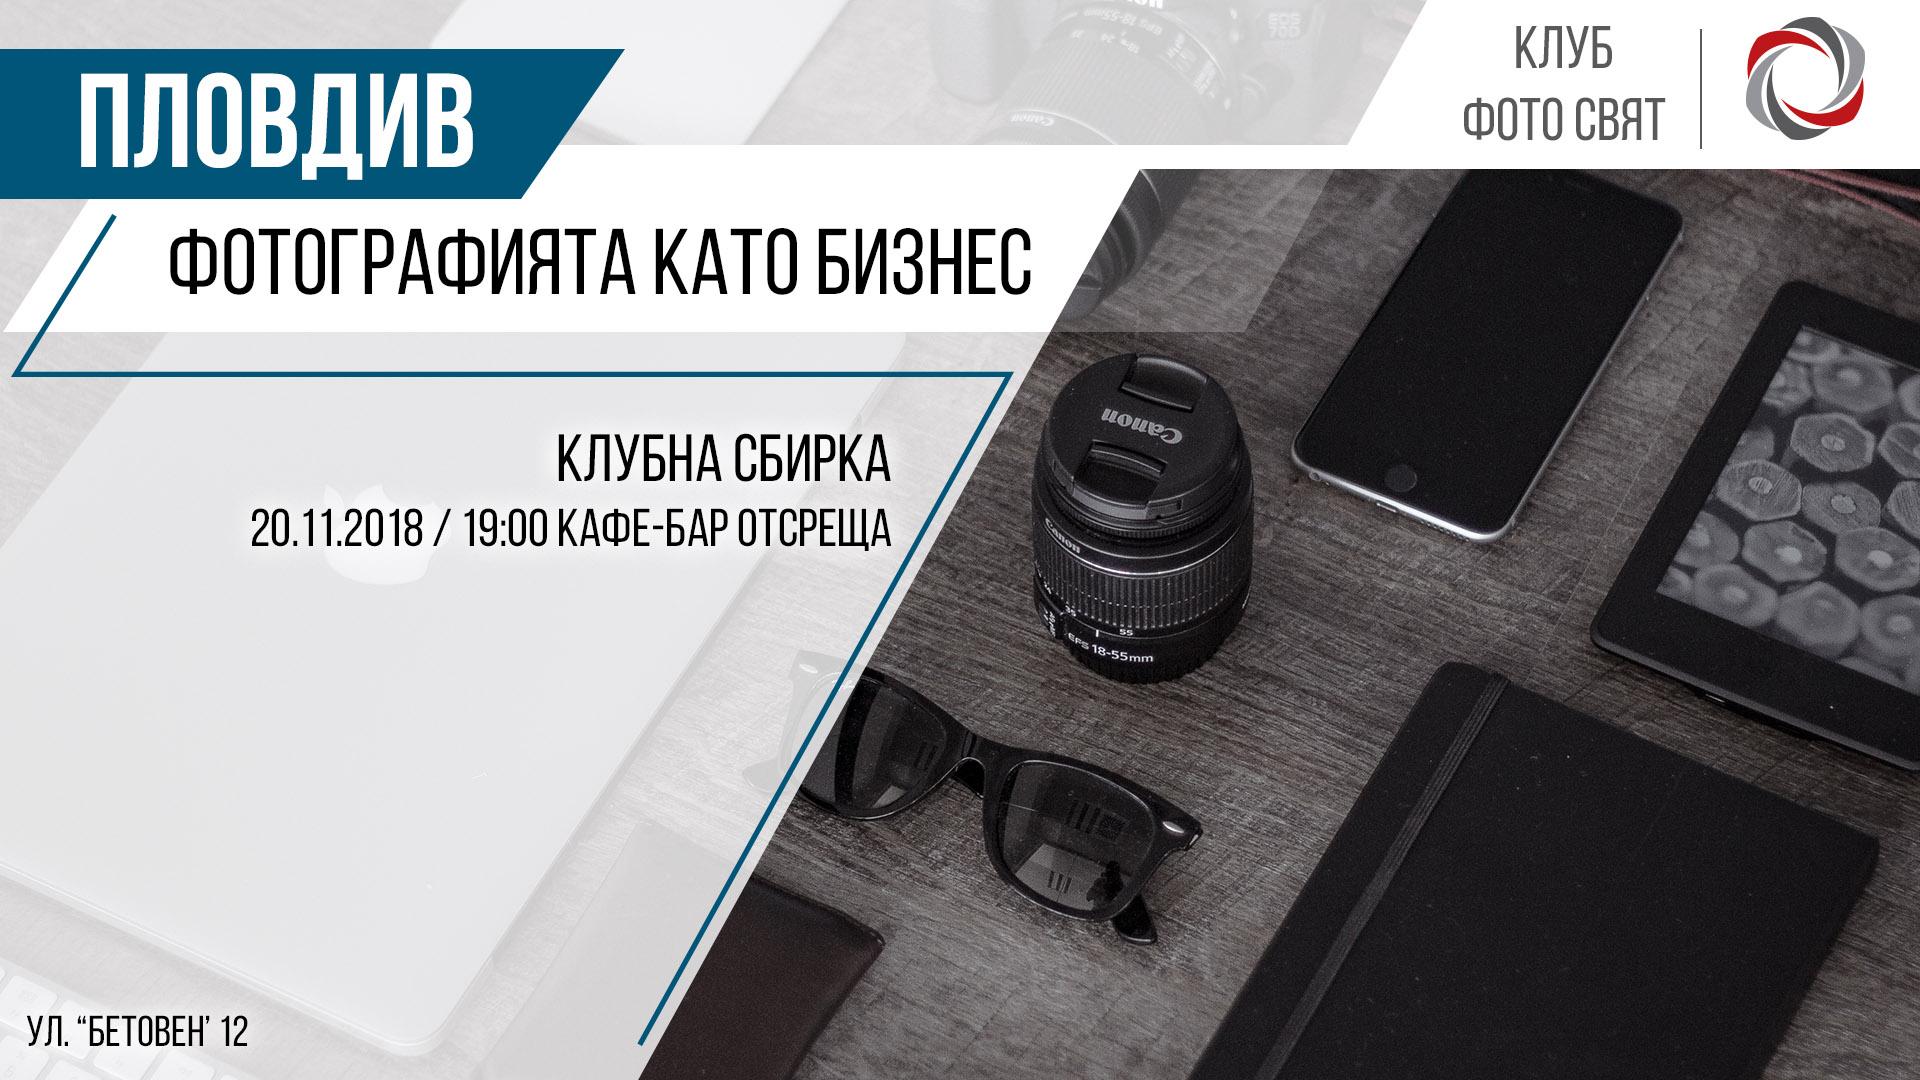 Фотографията като бизнес | Клубна Сбирка | Пловдив